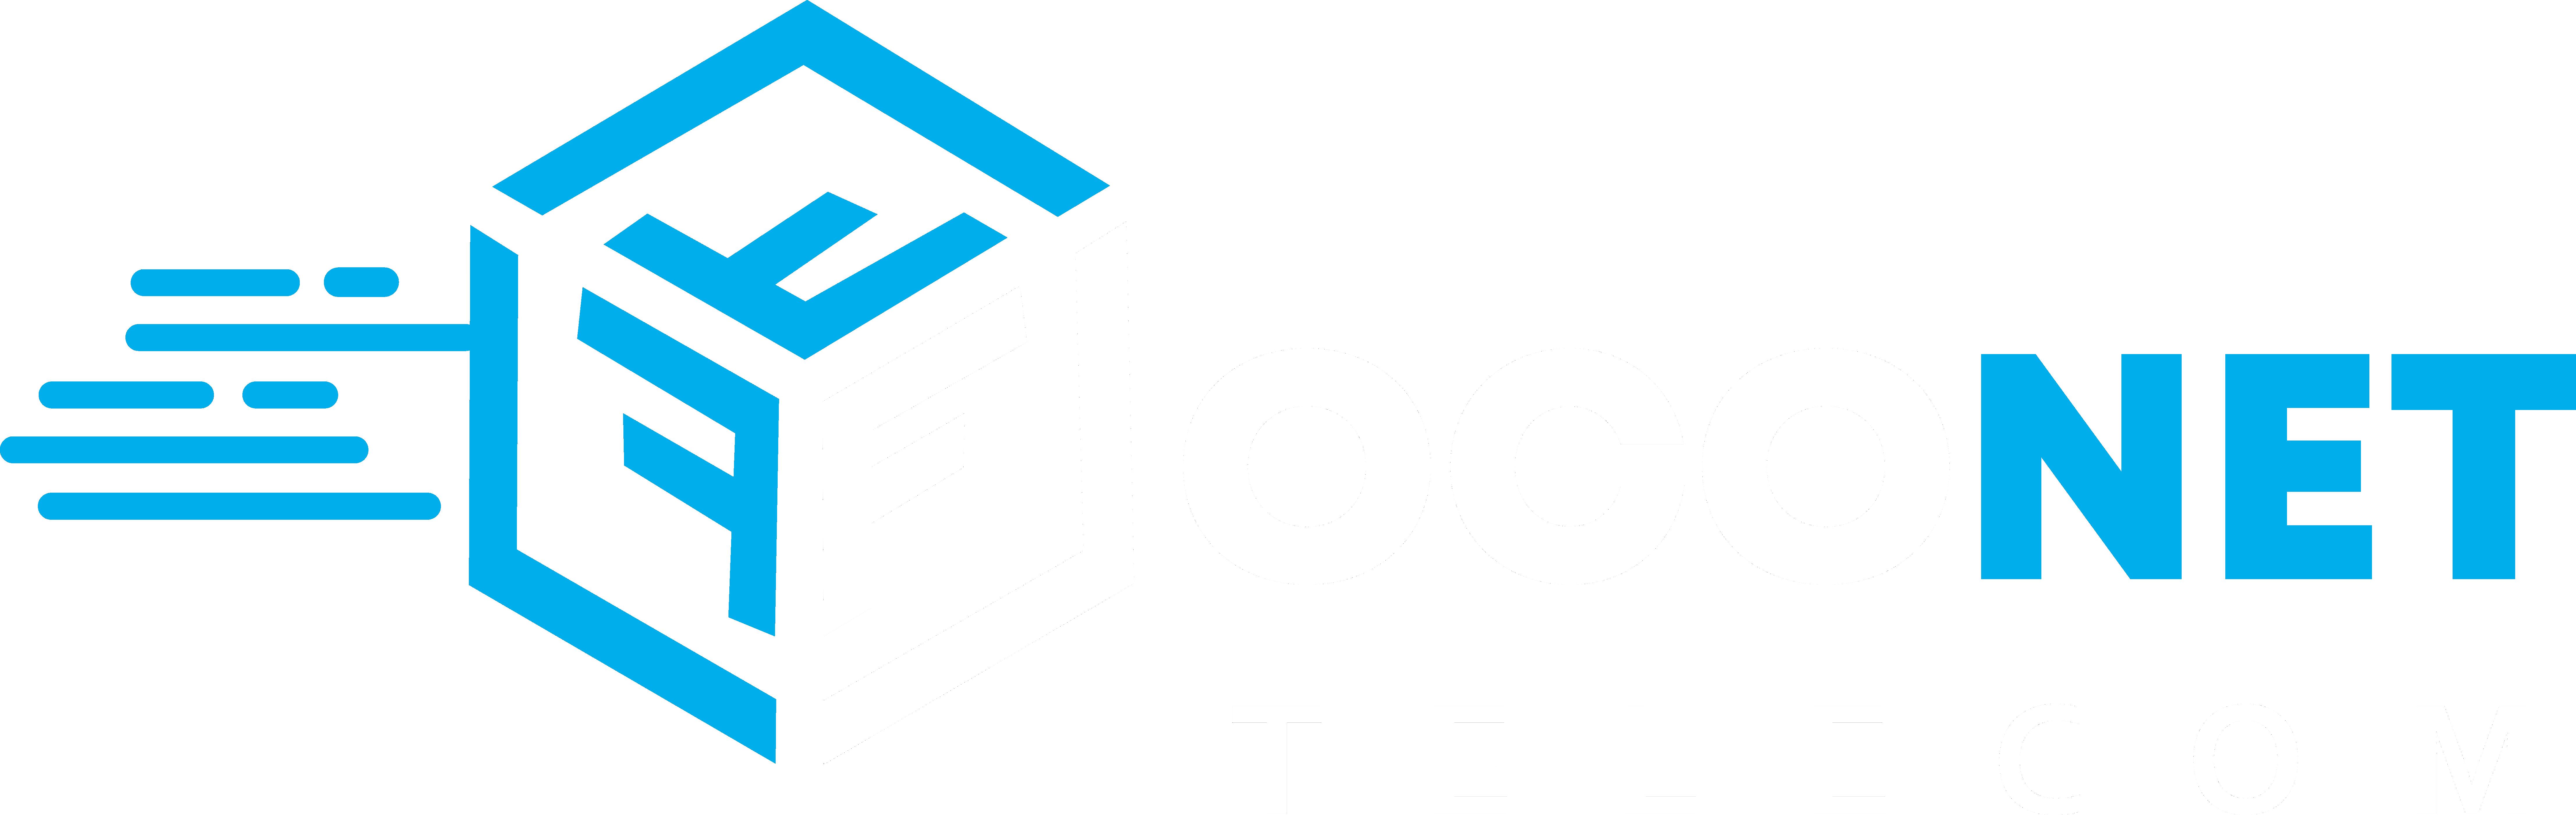 Foconet Telecom